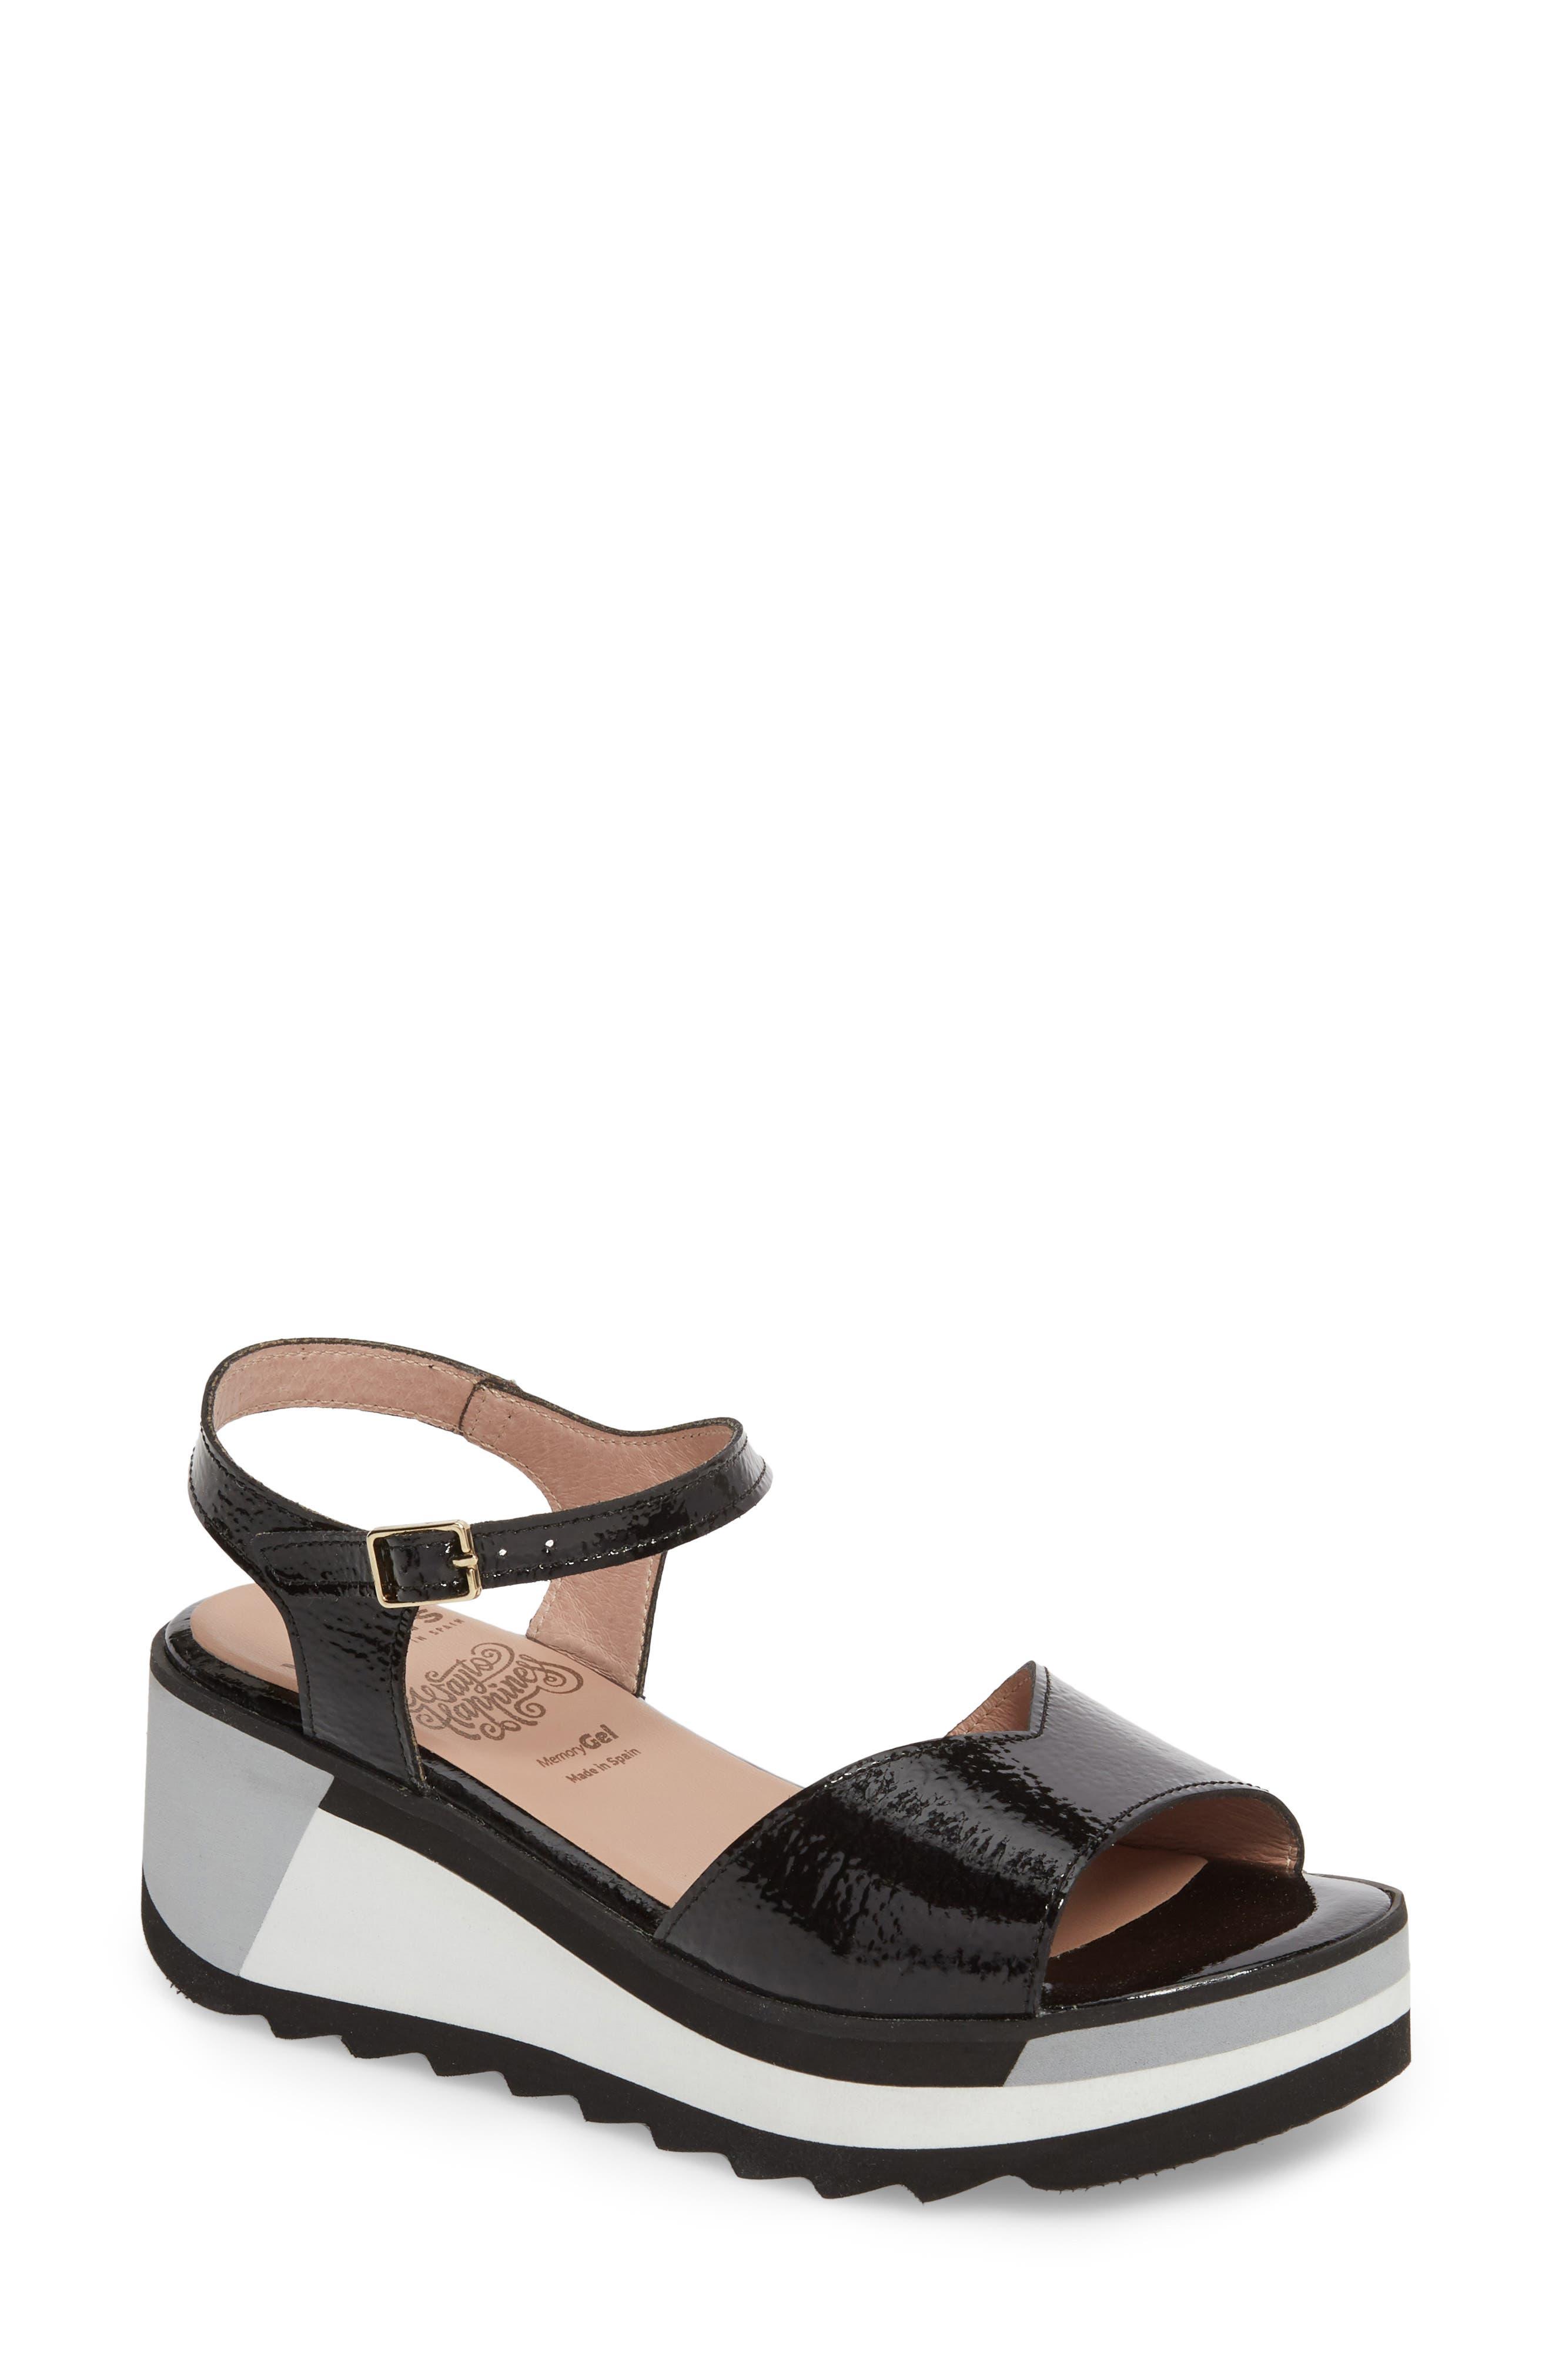 D-7810 Sandal,                         Main,                         color, Black Patent Leather